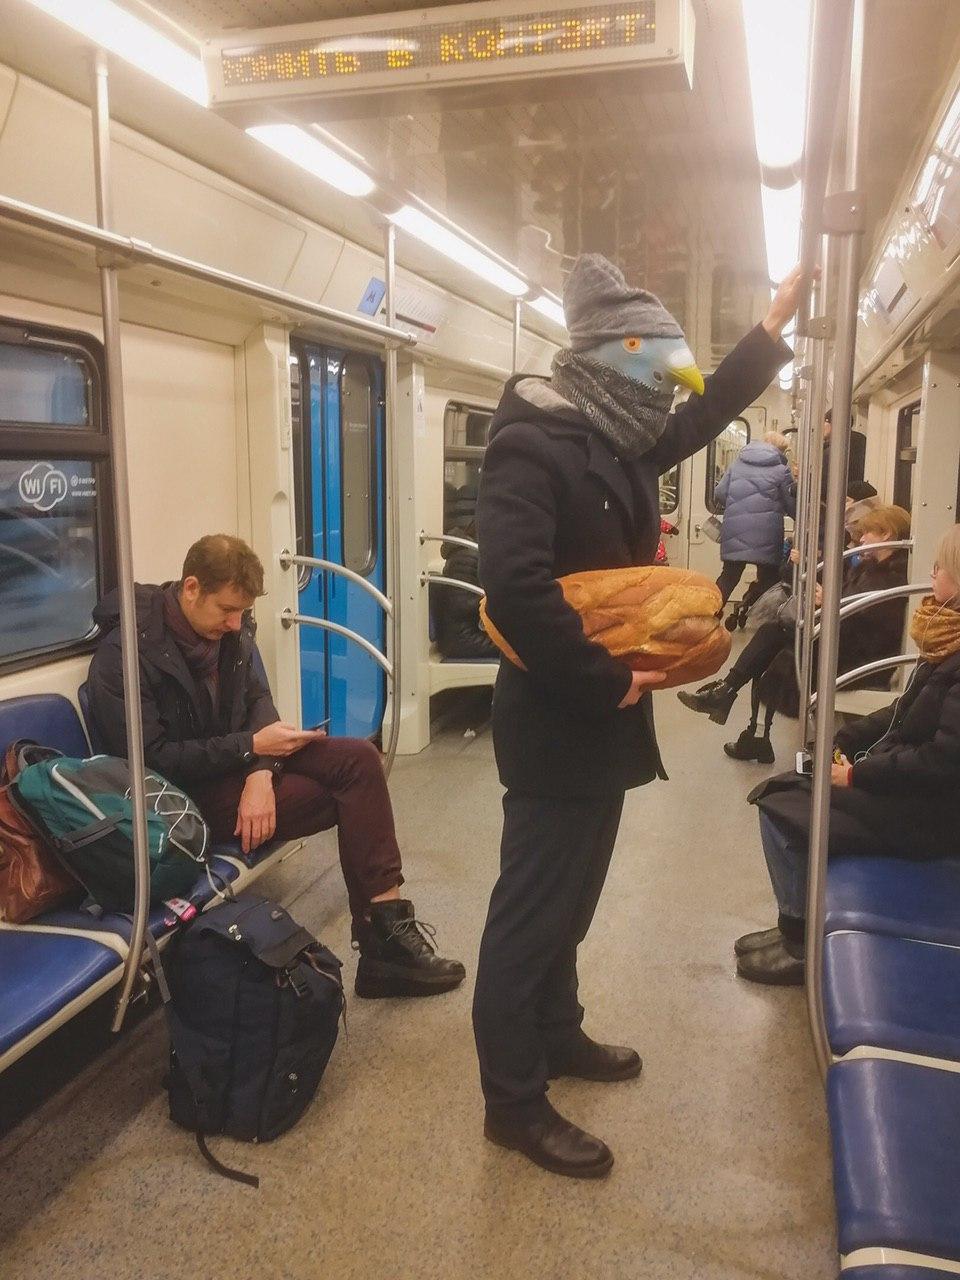 Модники и чудики из российского метрополитена - 122 (40 фото)